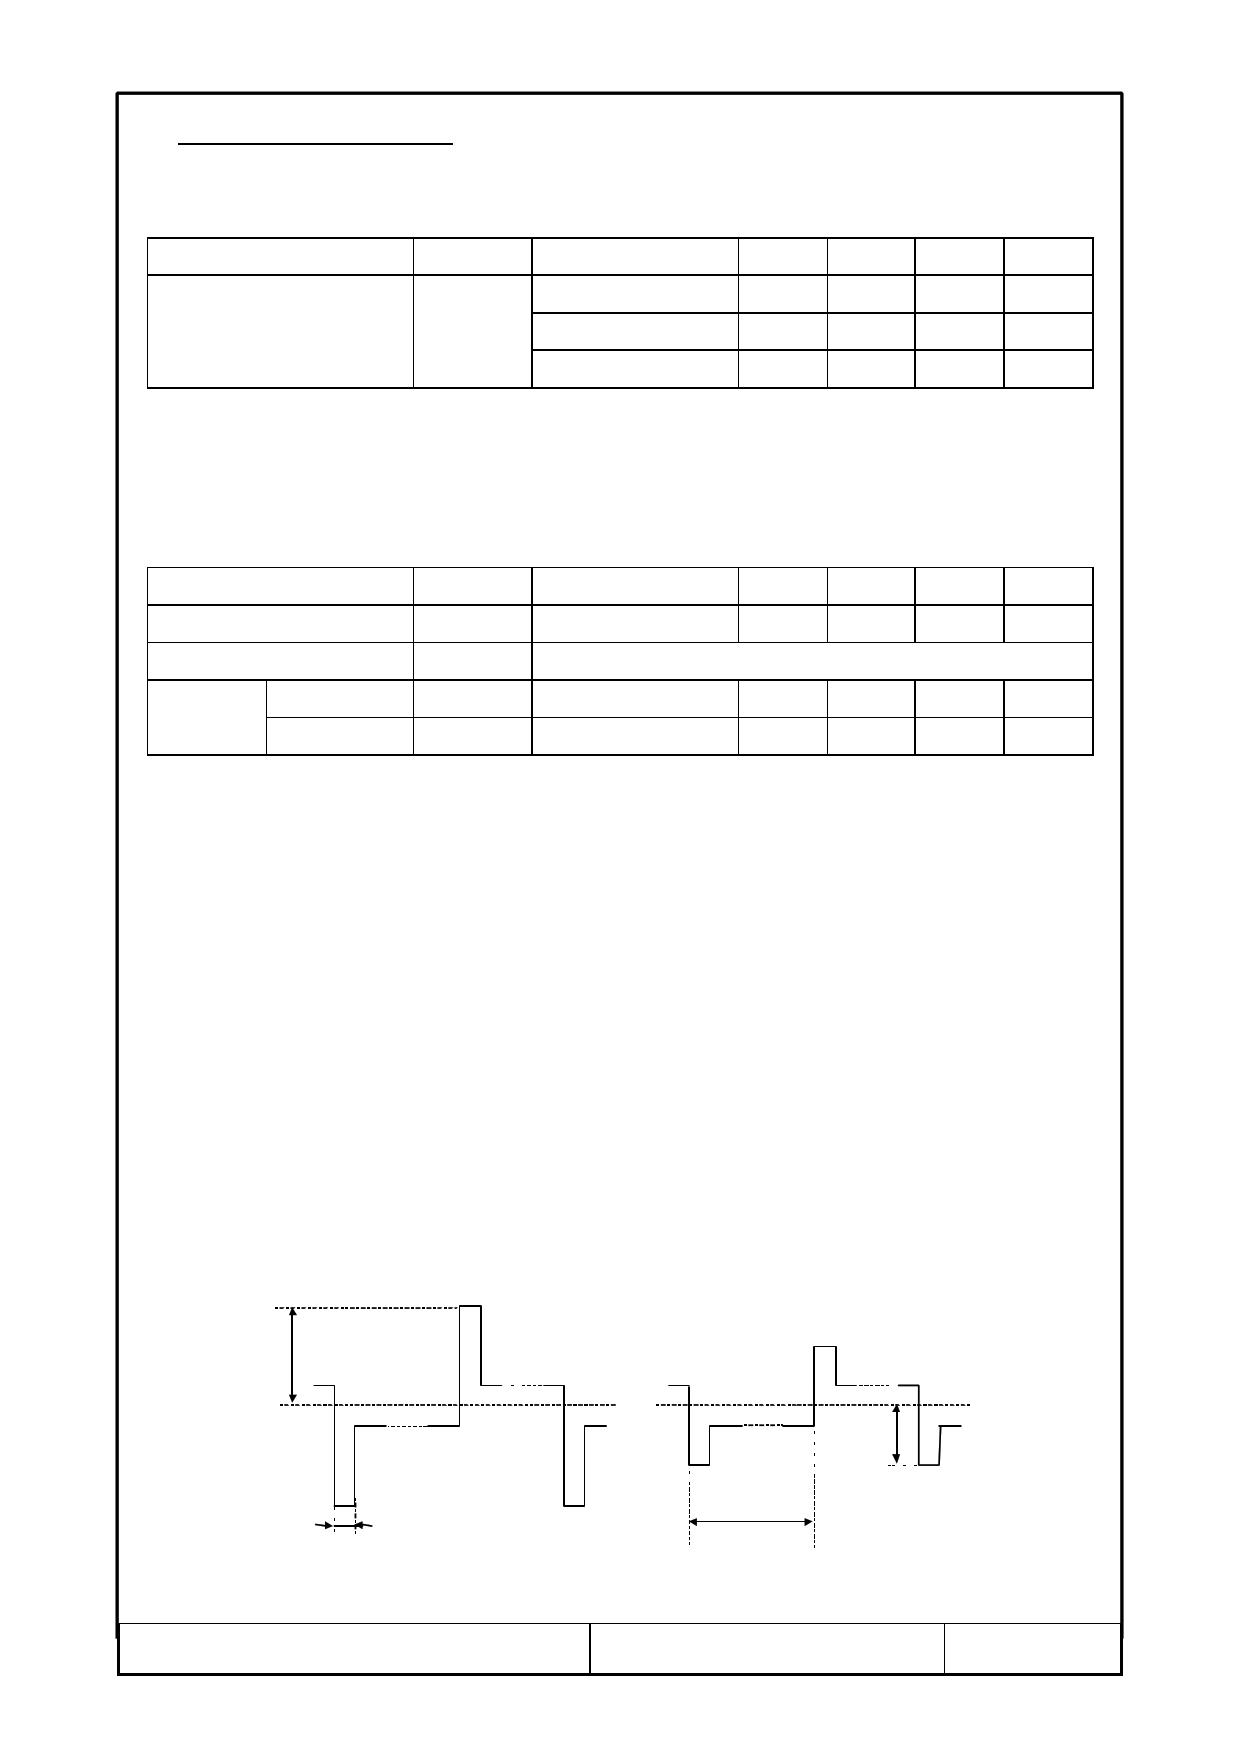 F-51405GNY-LY-AB arduino